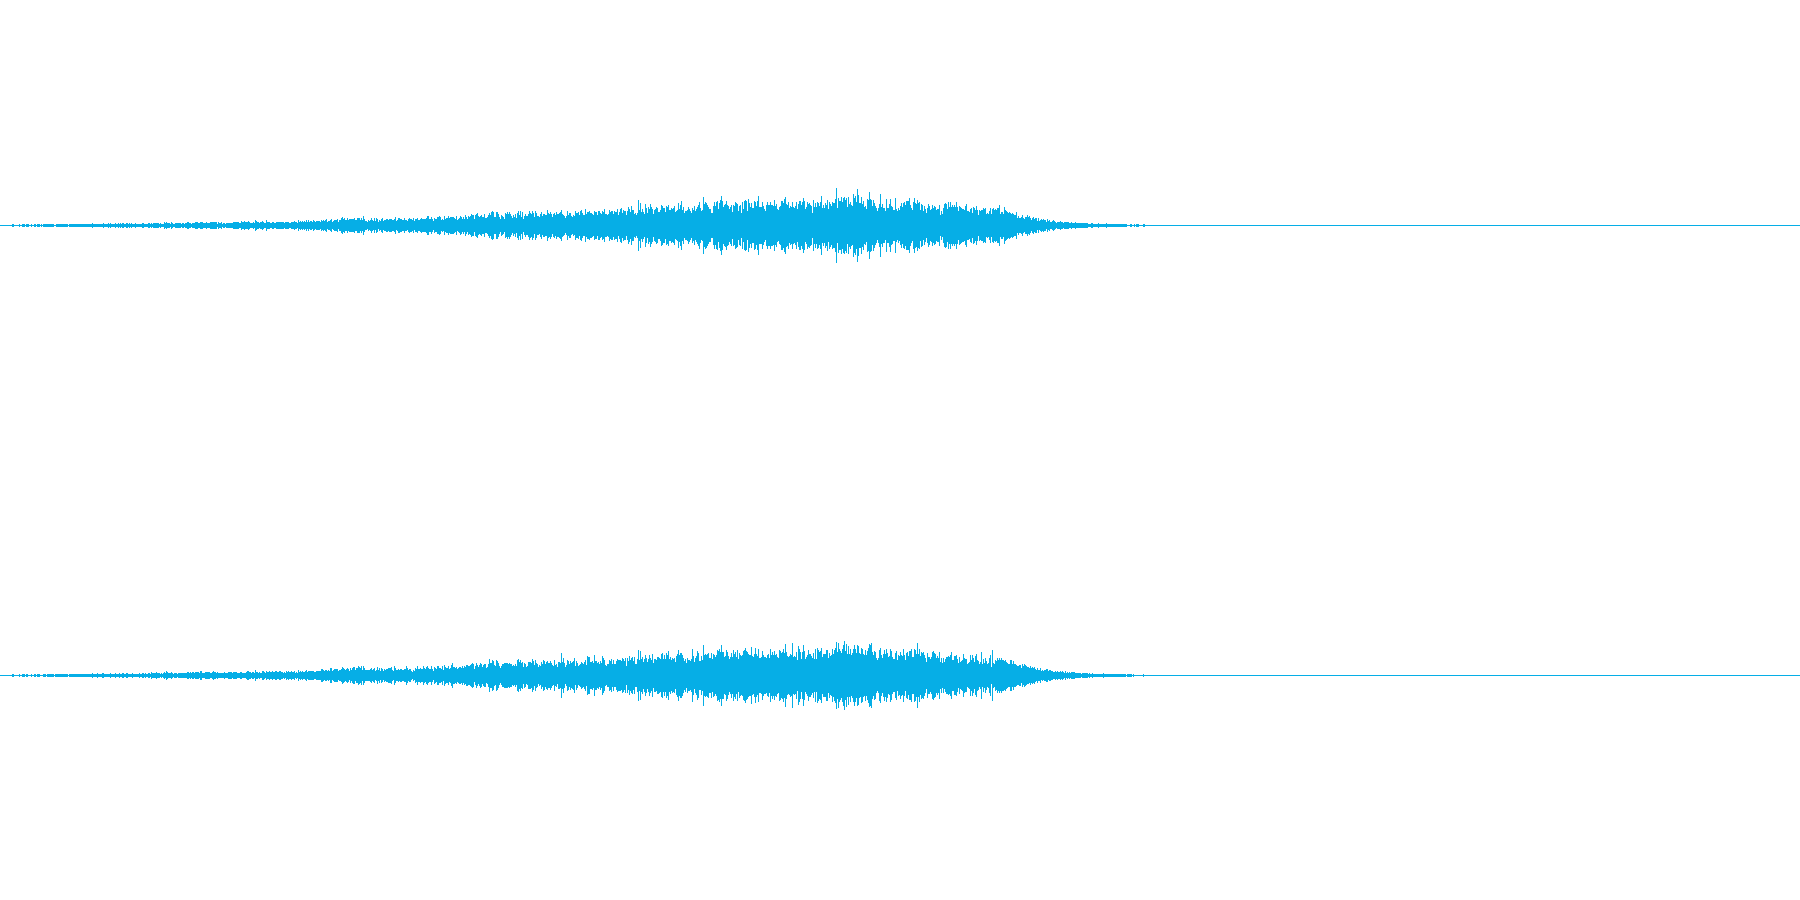 しゅーん(ワープの音)の再生済みの波形